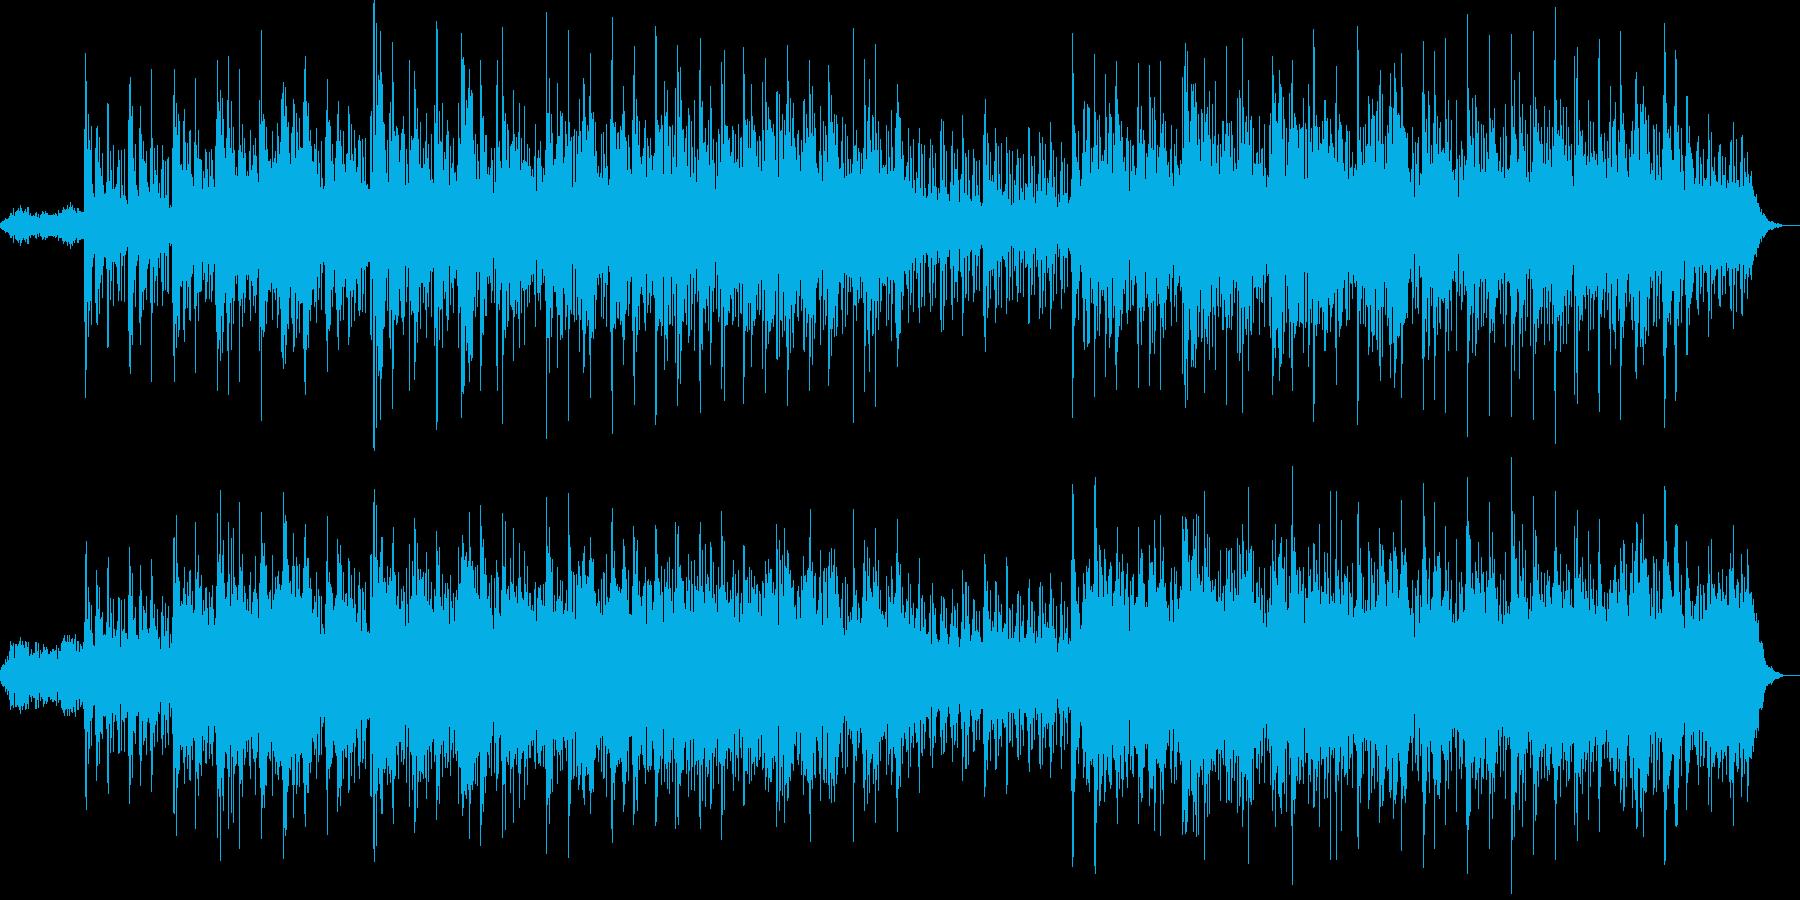 アコースティックギターが奏でるインストの再生済みの波形